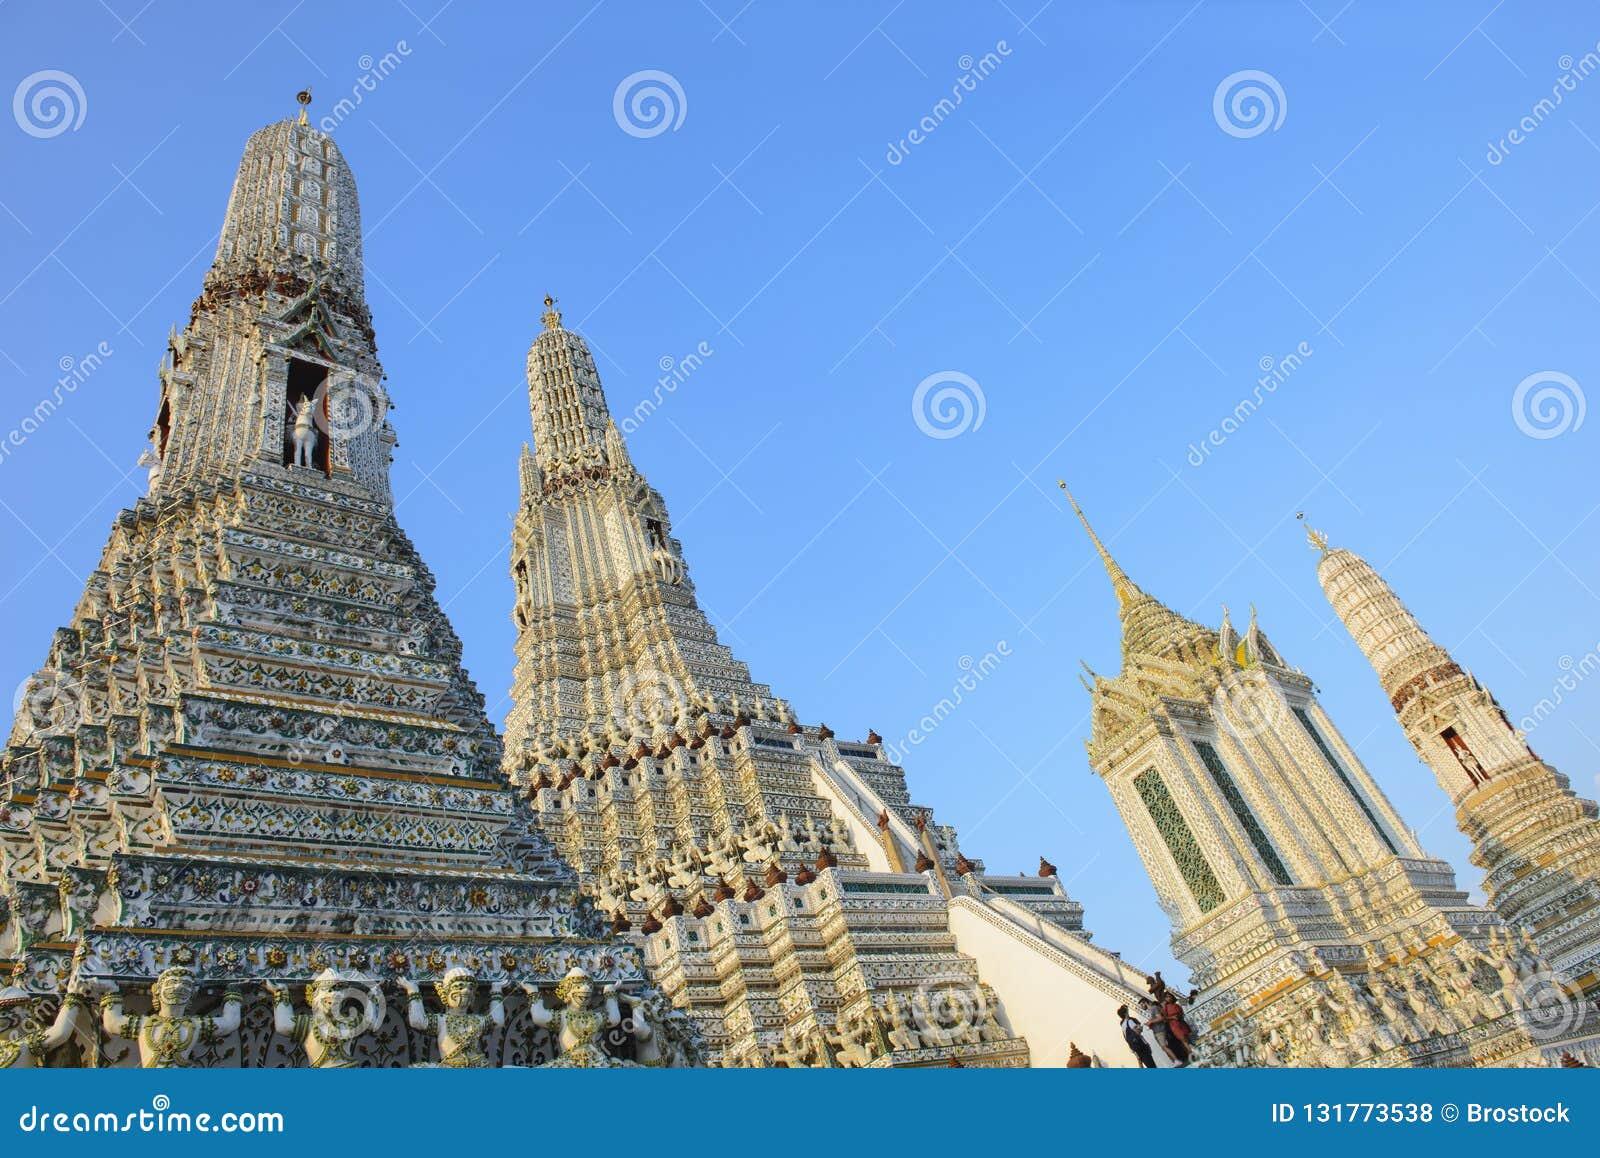 Ansicht der alten Pagode Phra Prang Wat Arun mit Hintergrund des blauen Himmels